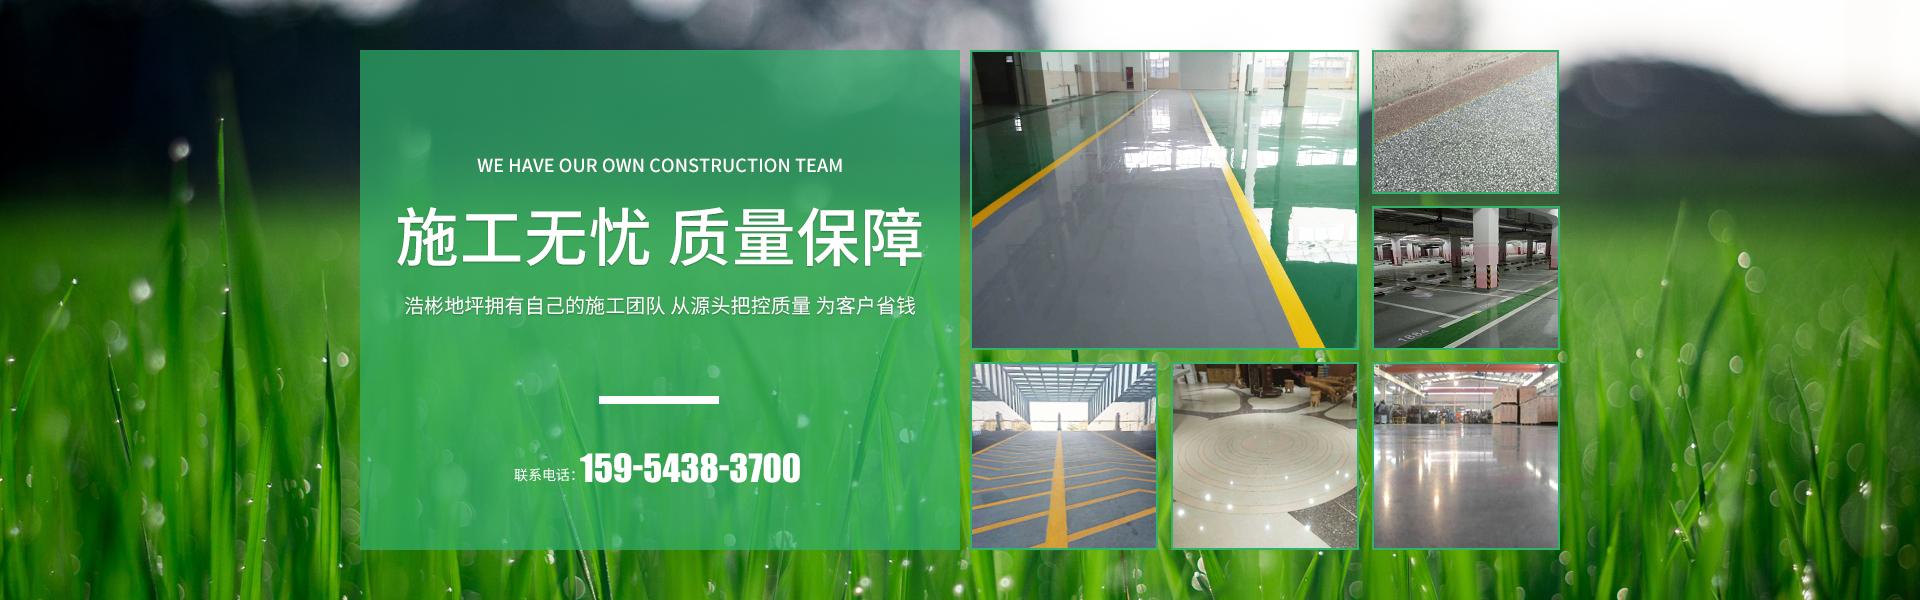 临沂环氧地坪,山东金刚砂耐磨地坪,超平地坪,固化剂地坪施工